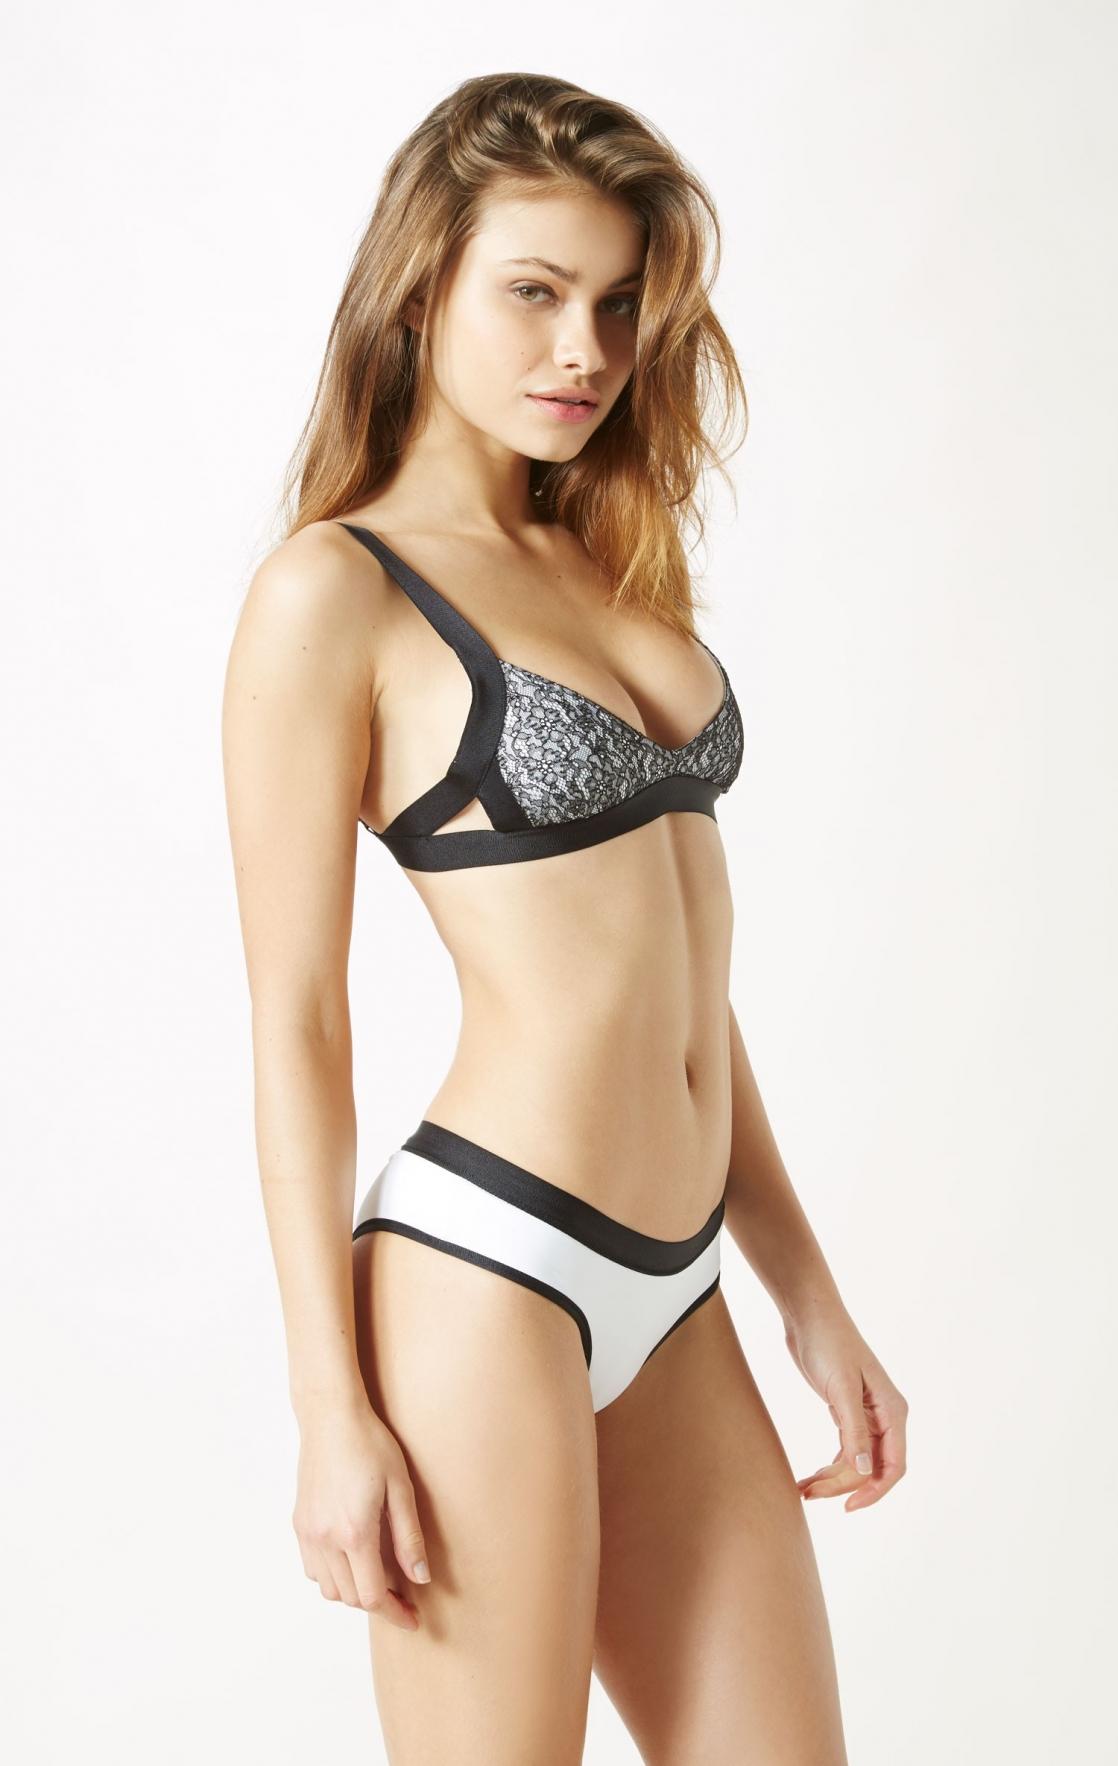 Eros / Male, nude Photo Gallery - Galeria de fotos